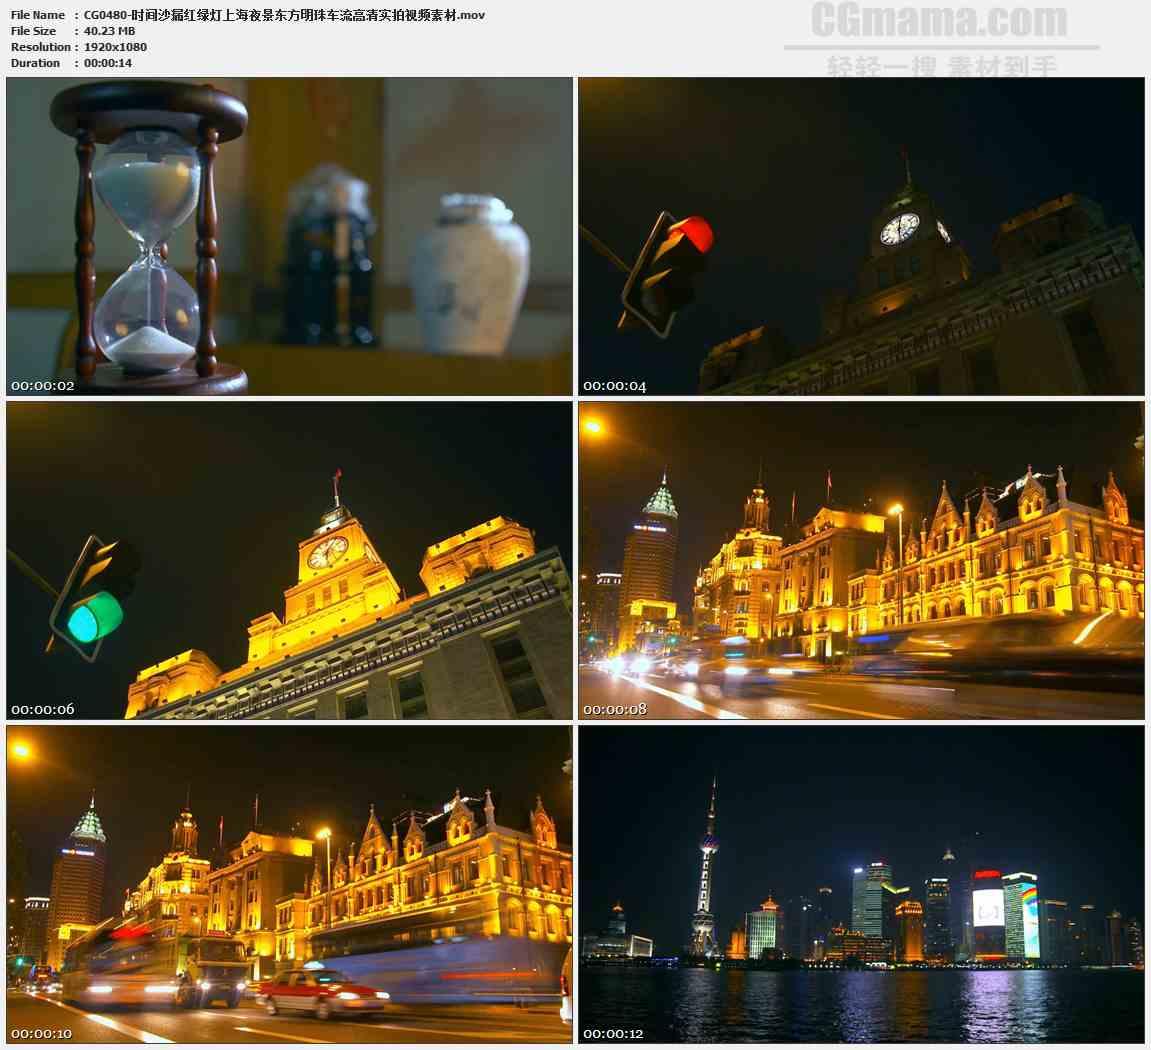 CG0480-时间沙漏红绿灯上海夜景东方明珠车流高清实拍视频素材